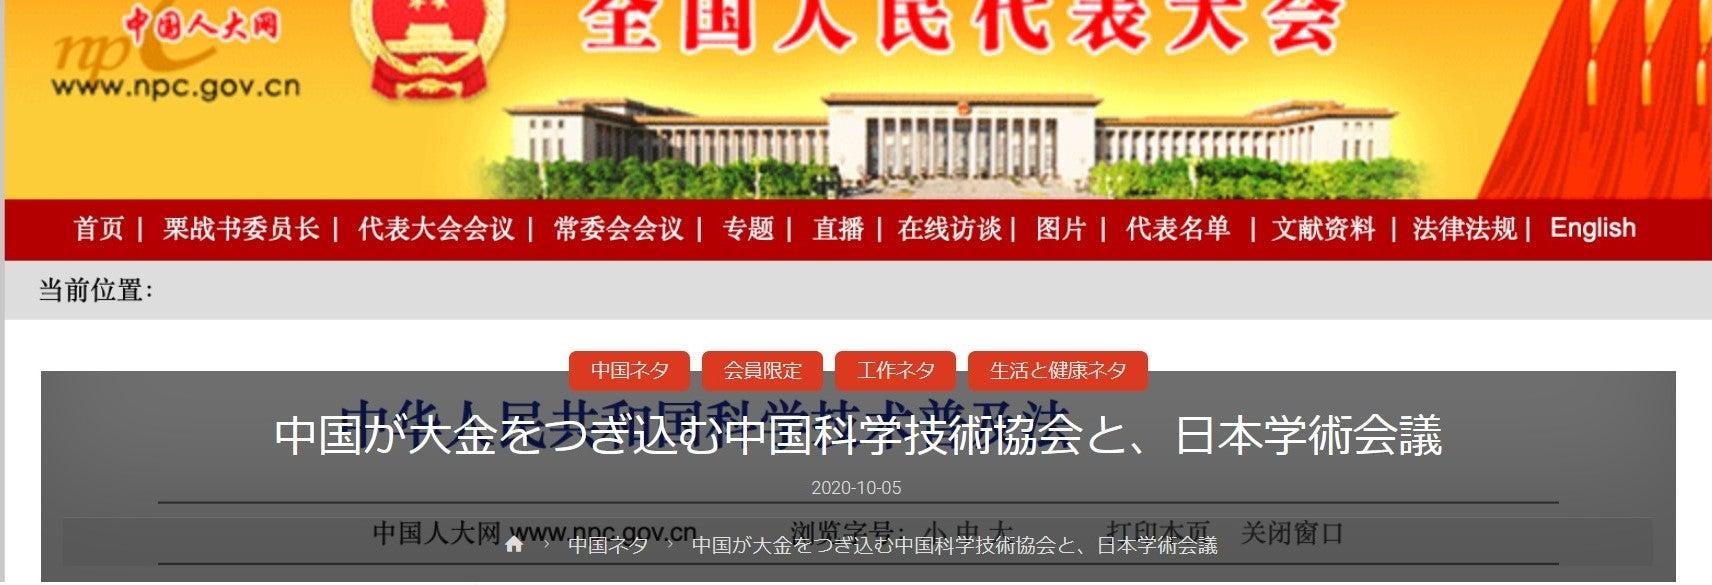 学術 会議 中国